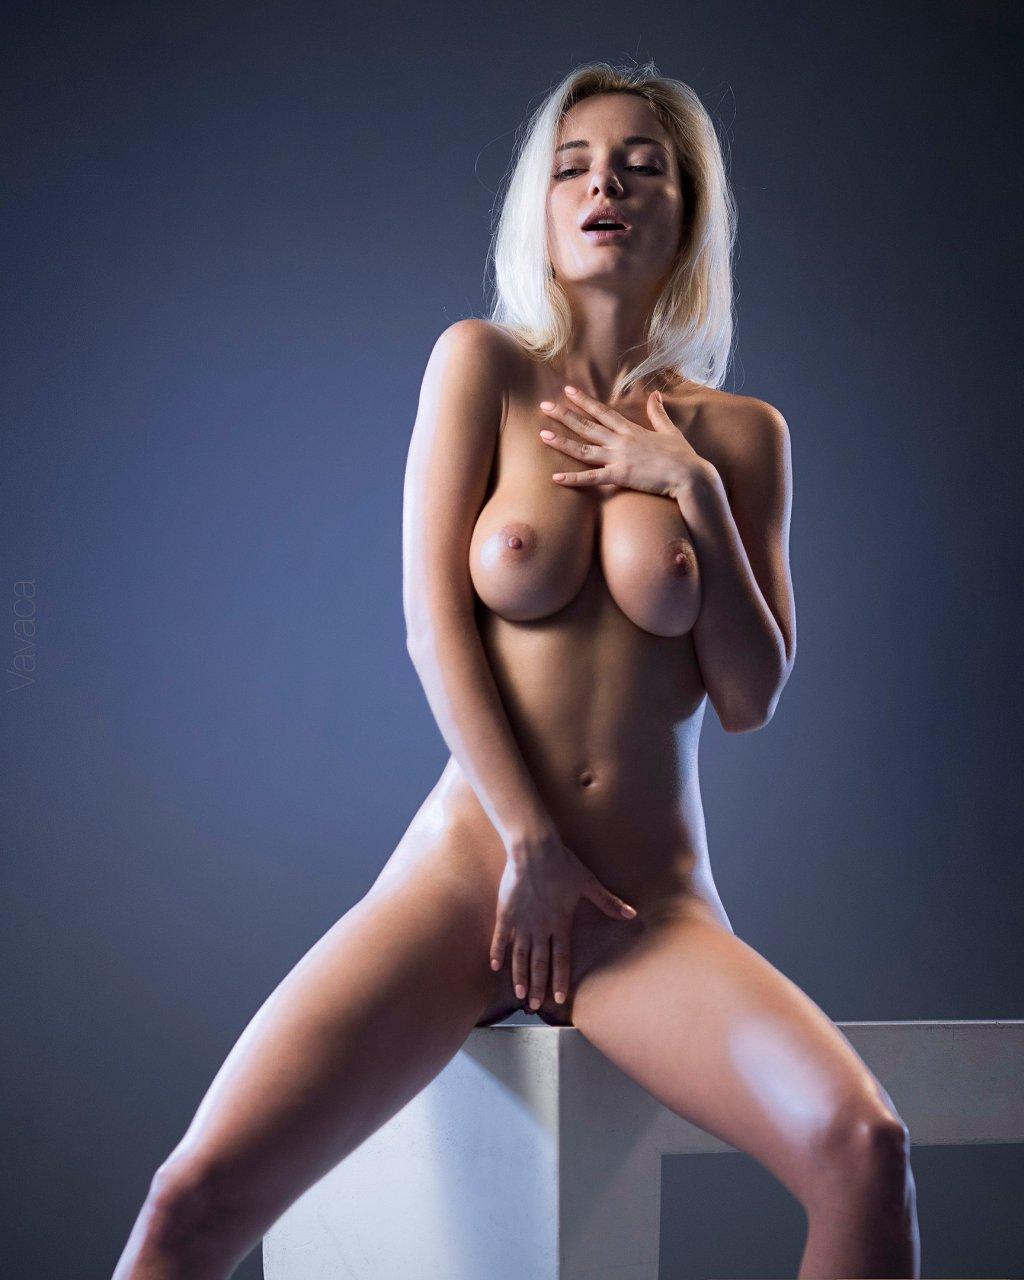 Natalie addams goth nude